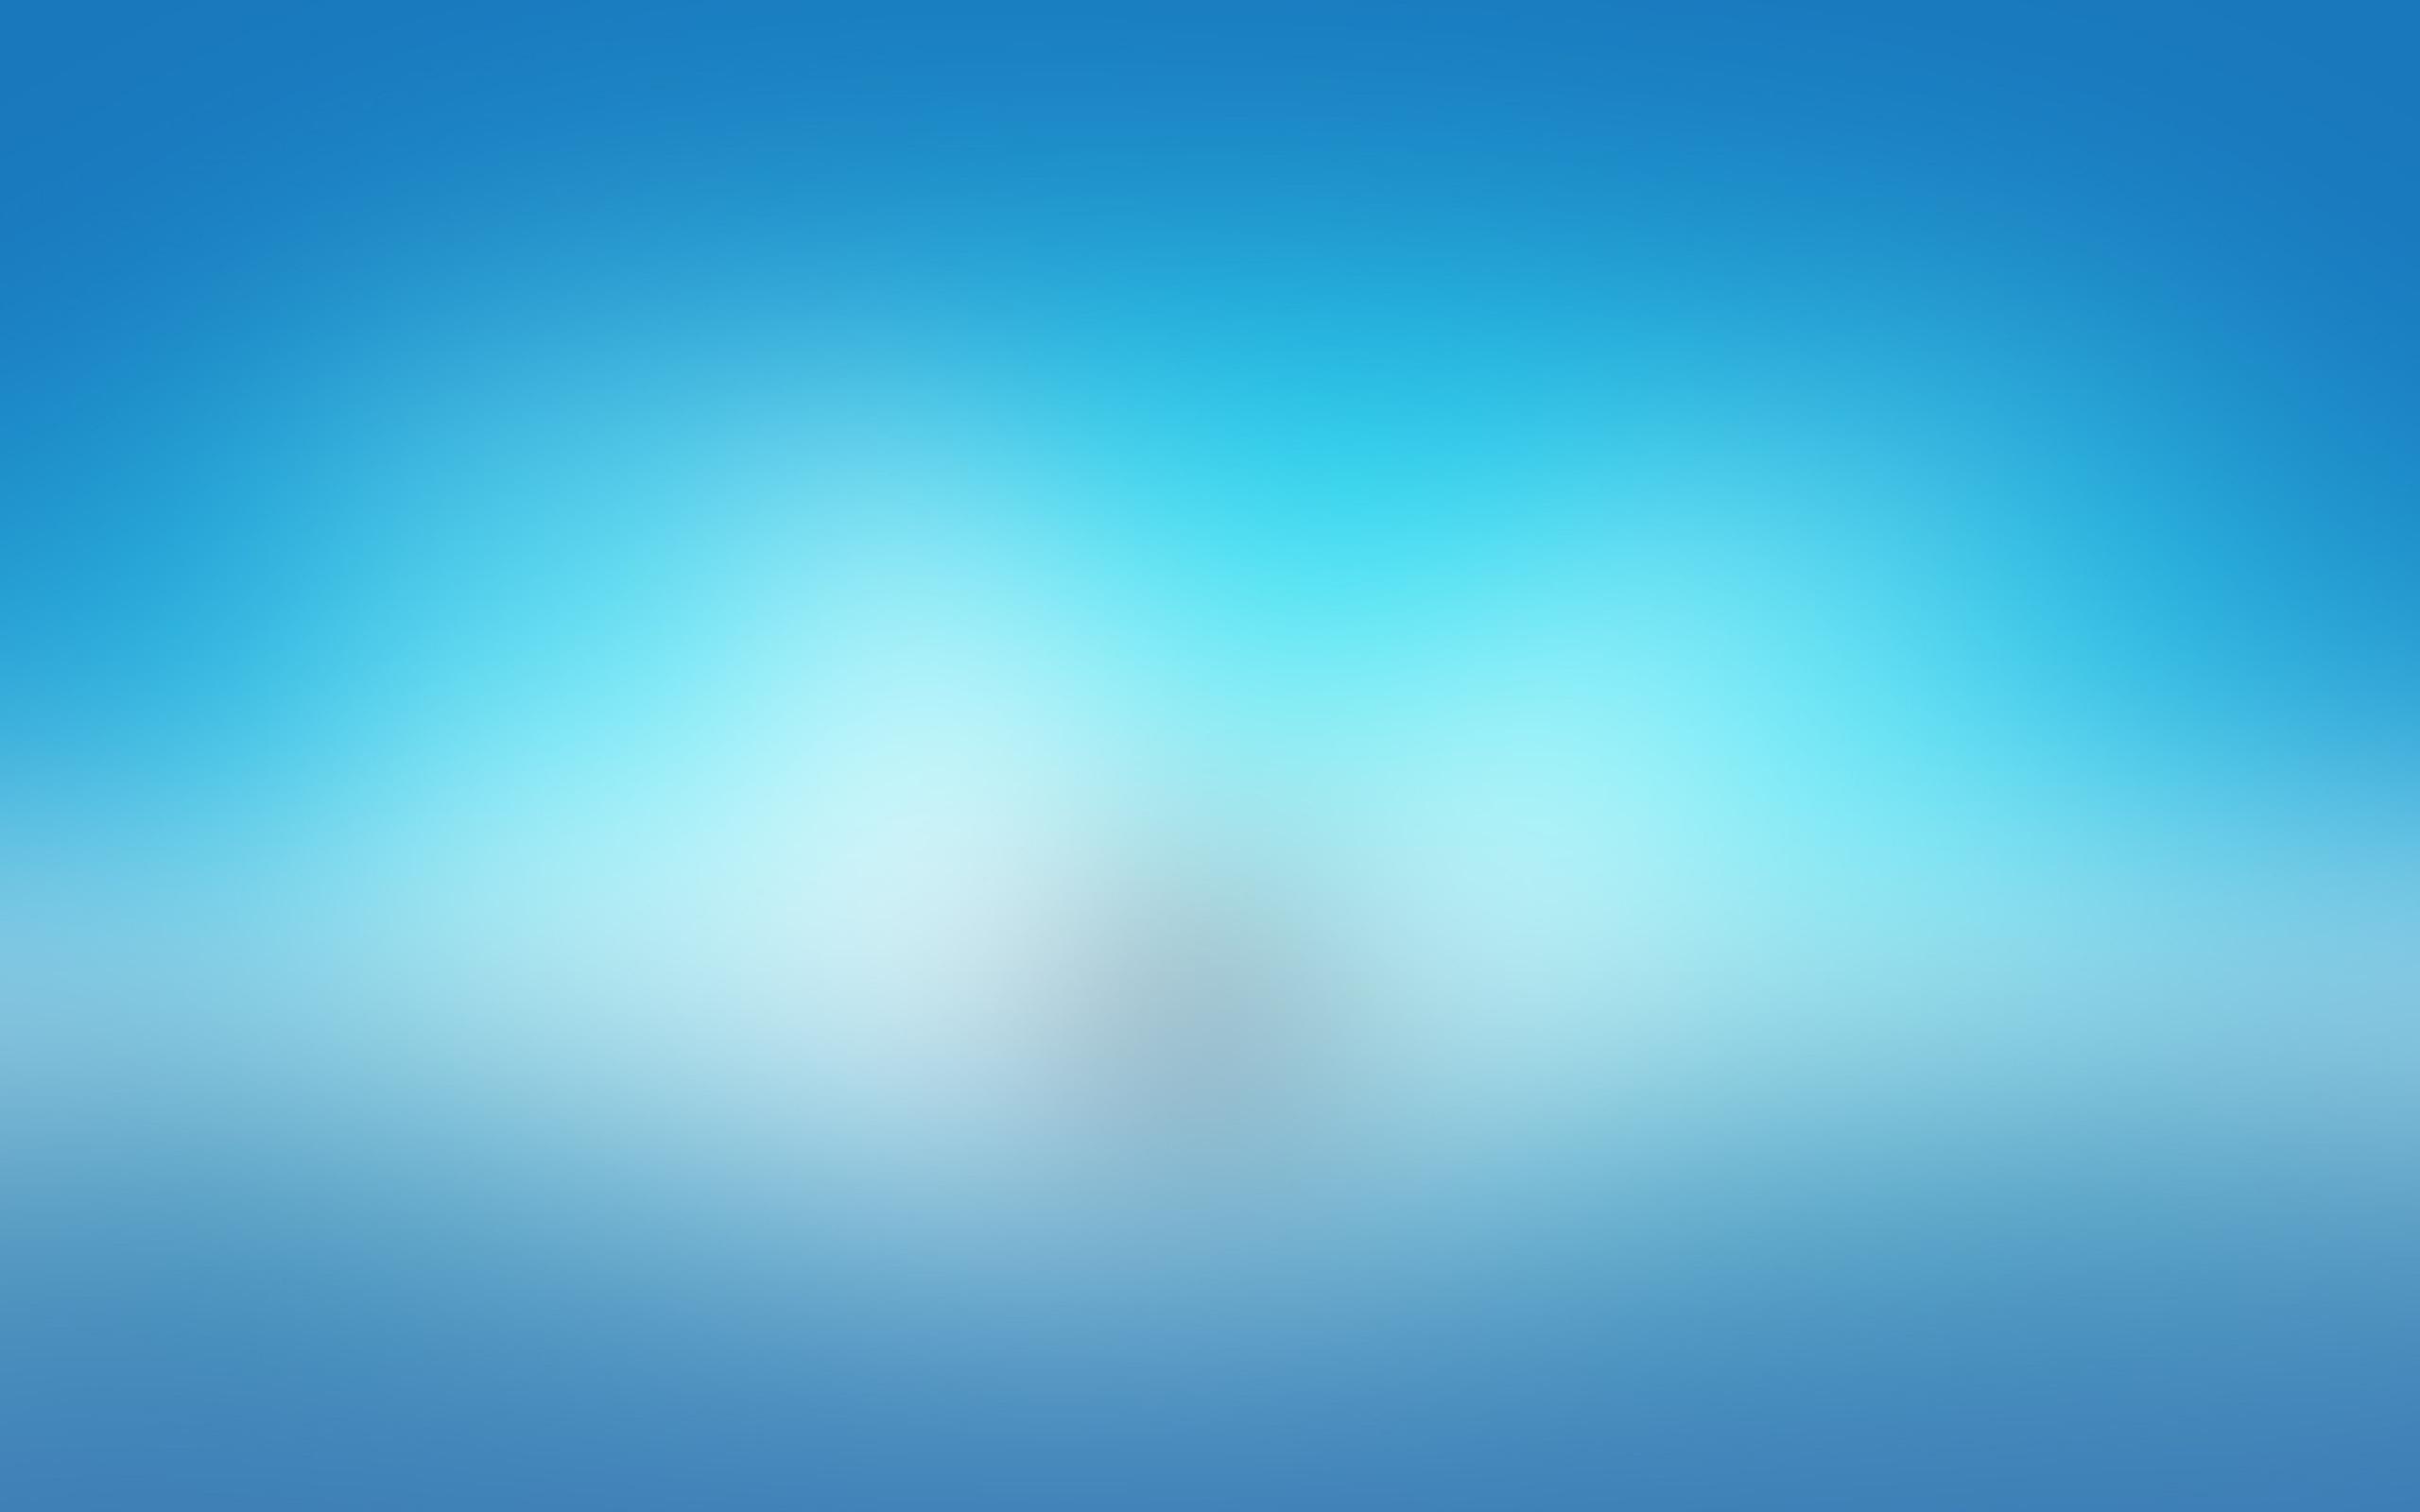 3e76d4b93c5 Wallpaper ID  374296